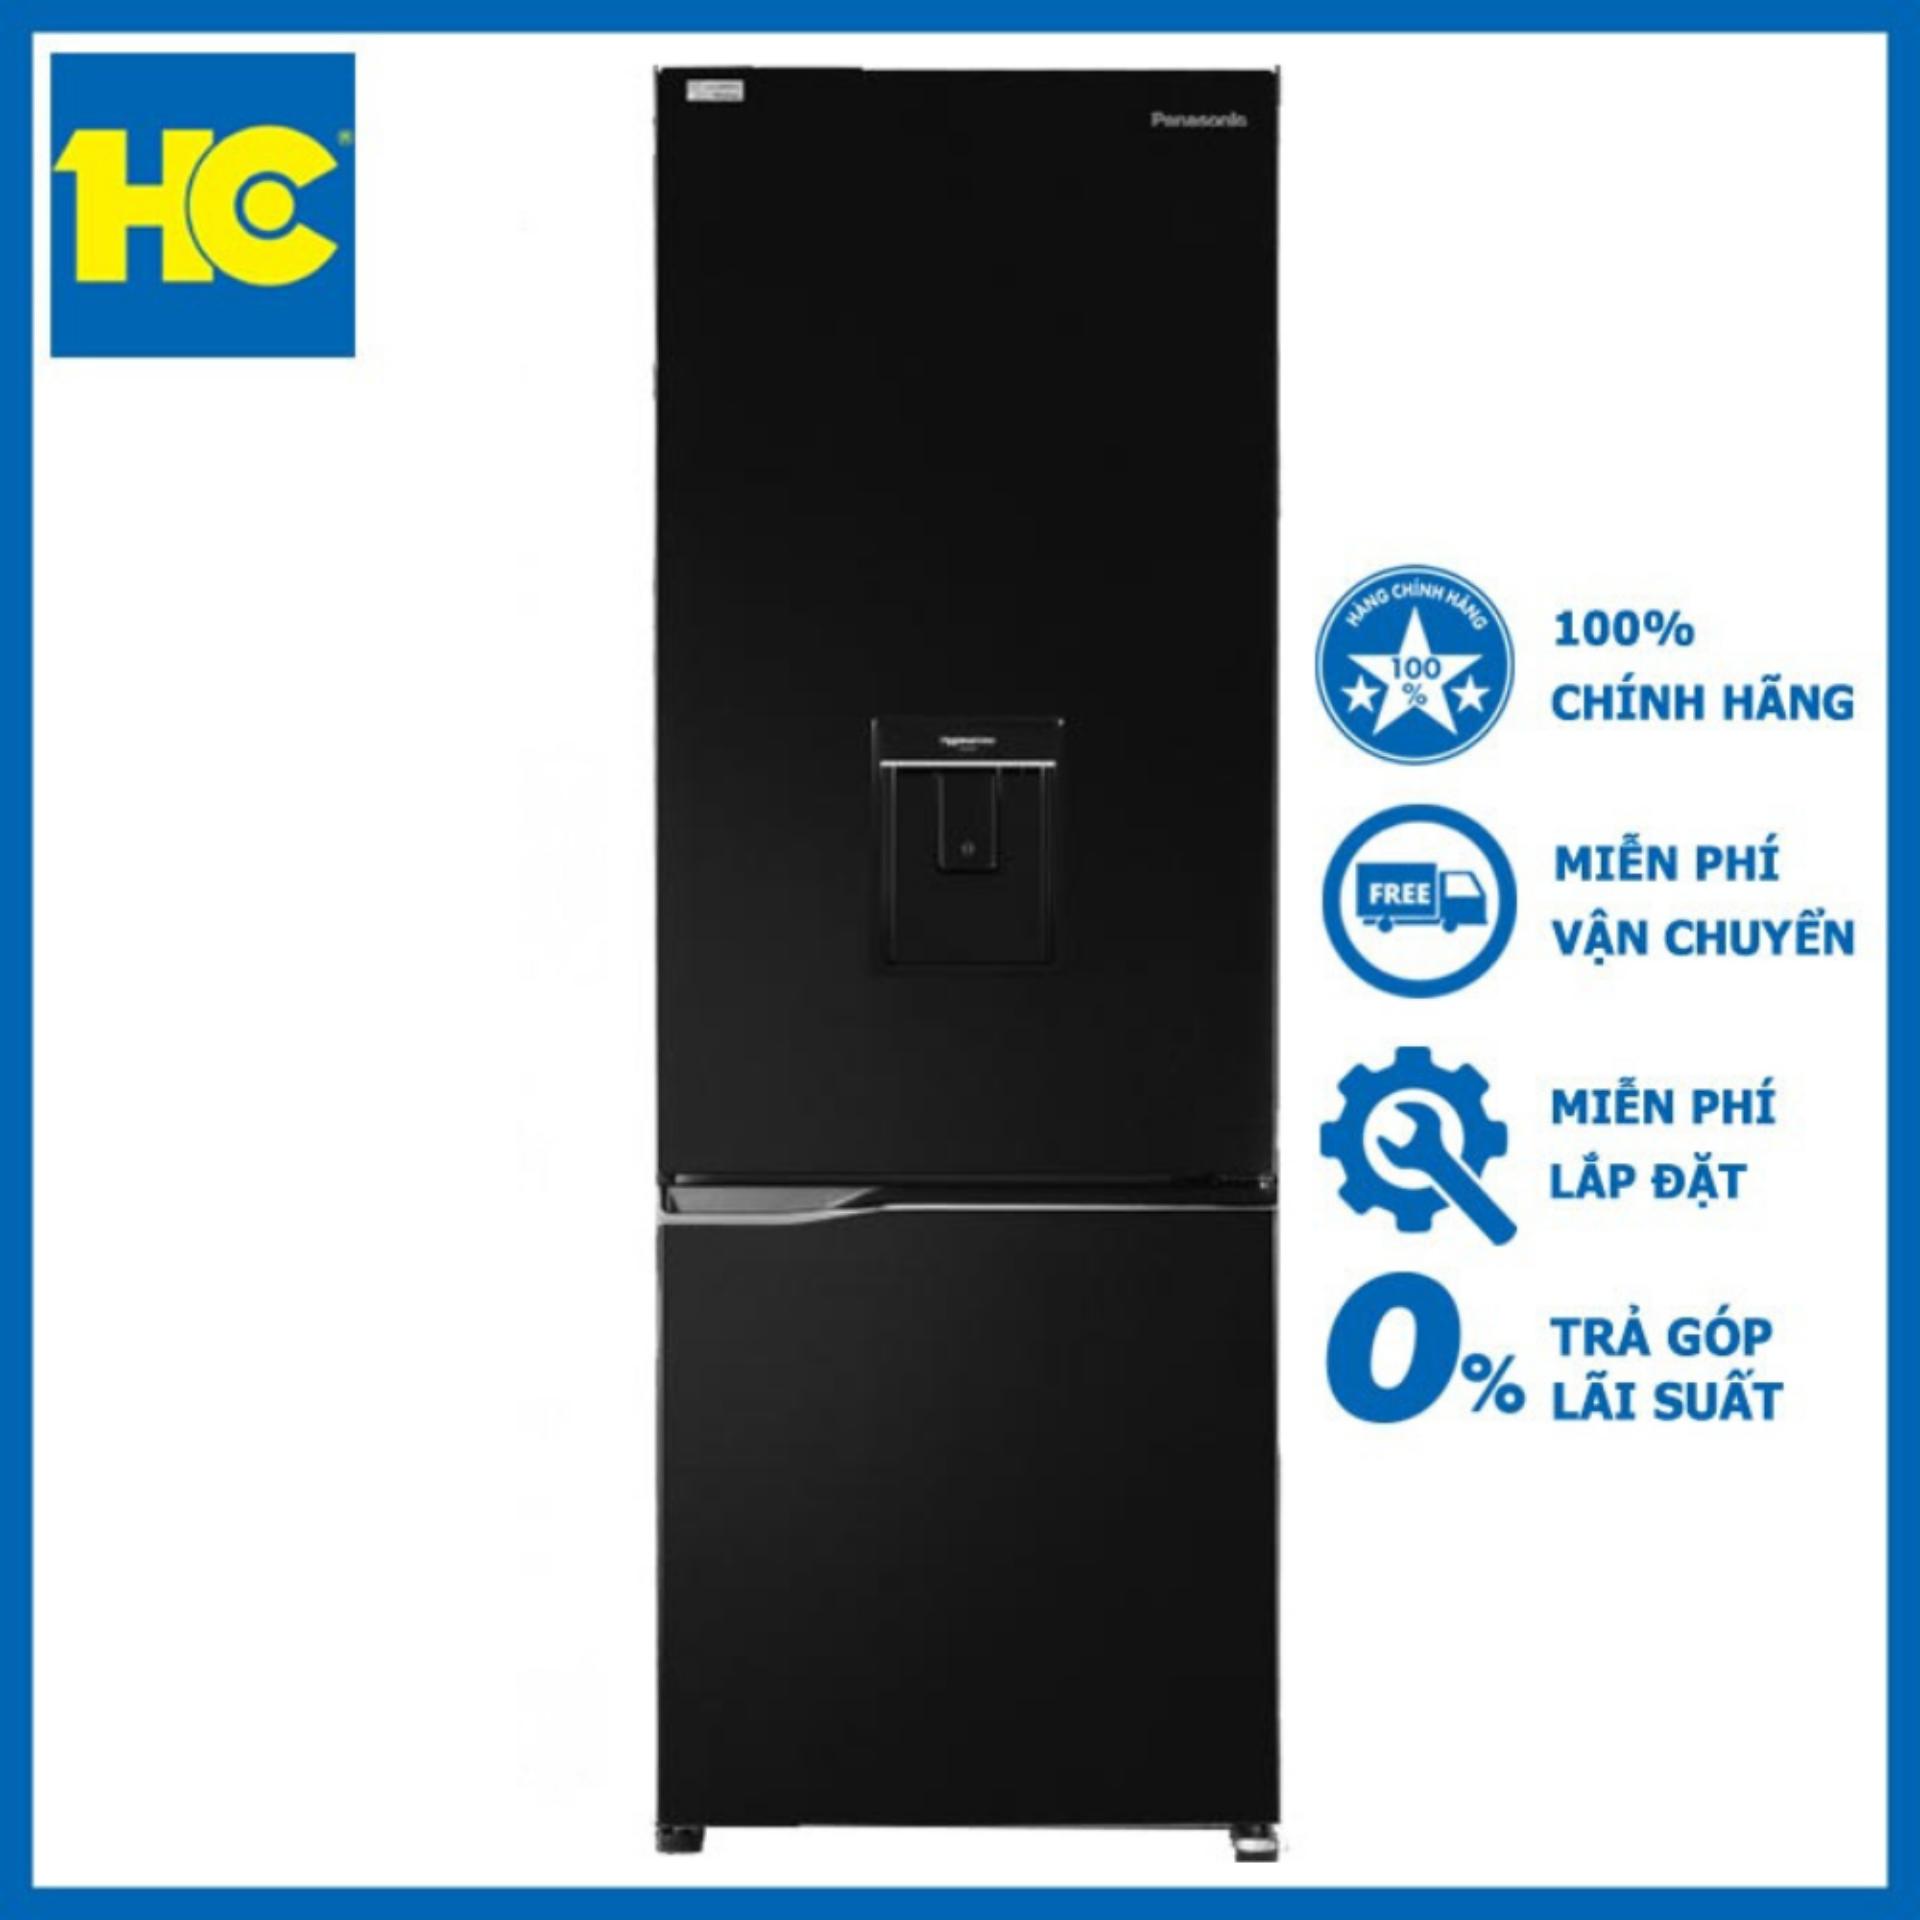 Tủ lạnh Panasonic Inverter 322 lít NR-BC360WKVN – Miễn phí vận chuyển & lắp đặt – Bảo hành chính hãng